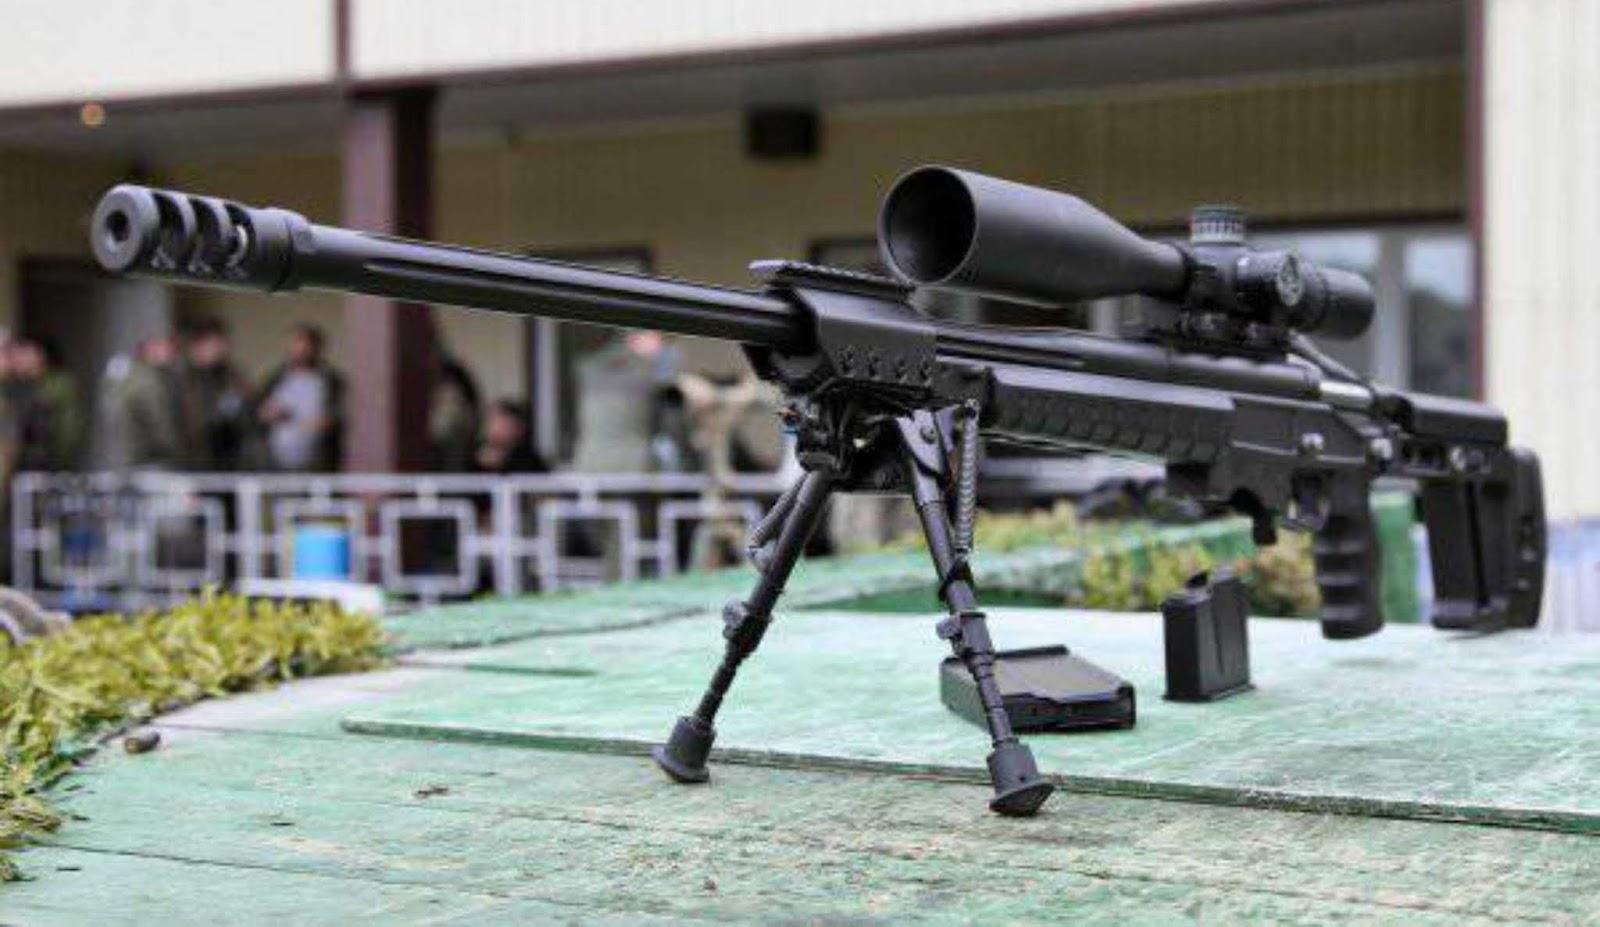 Mimpi penembak jitu: mengapa perlu amunisi hipersonik